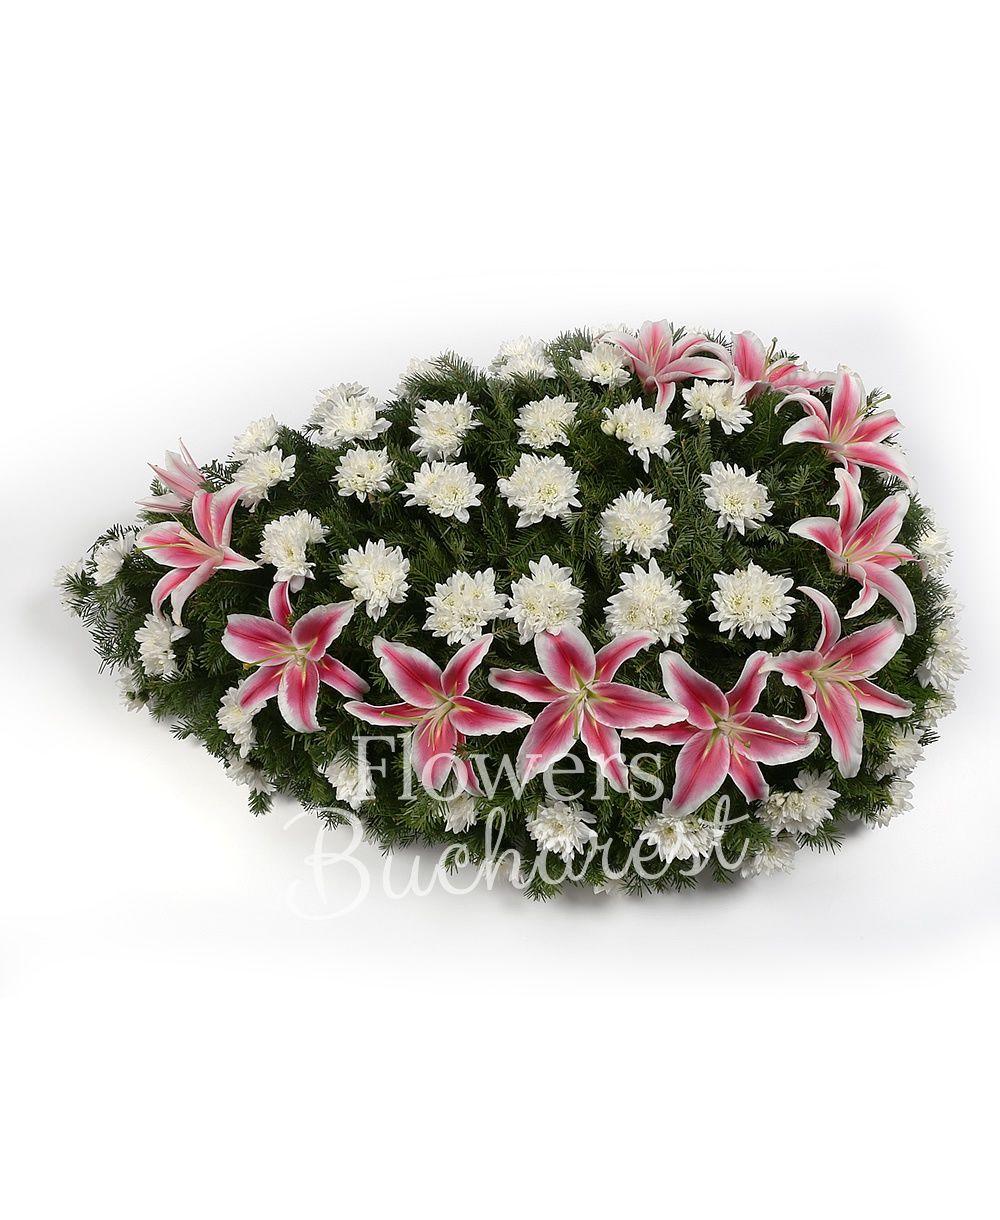 white chrysanthemums, pink lilies